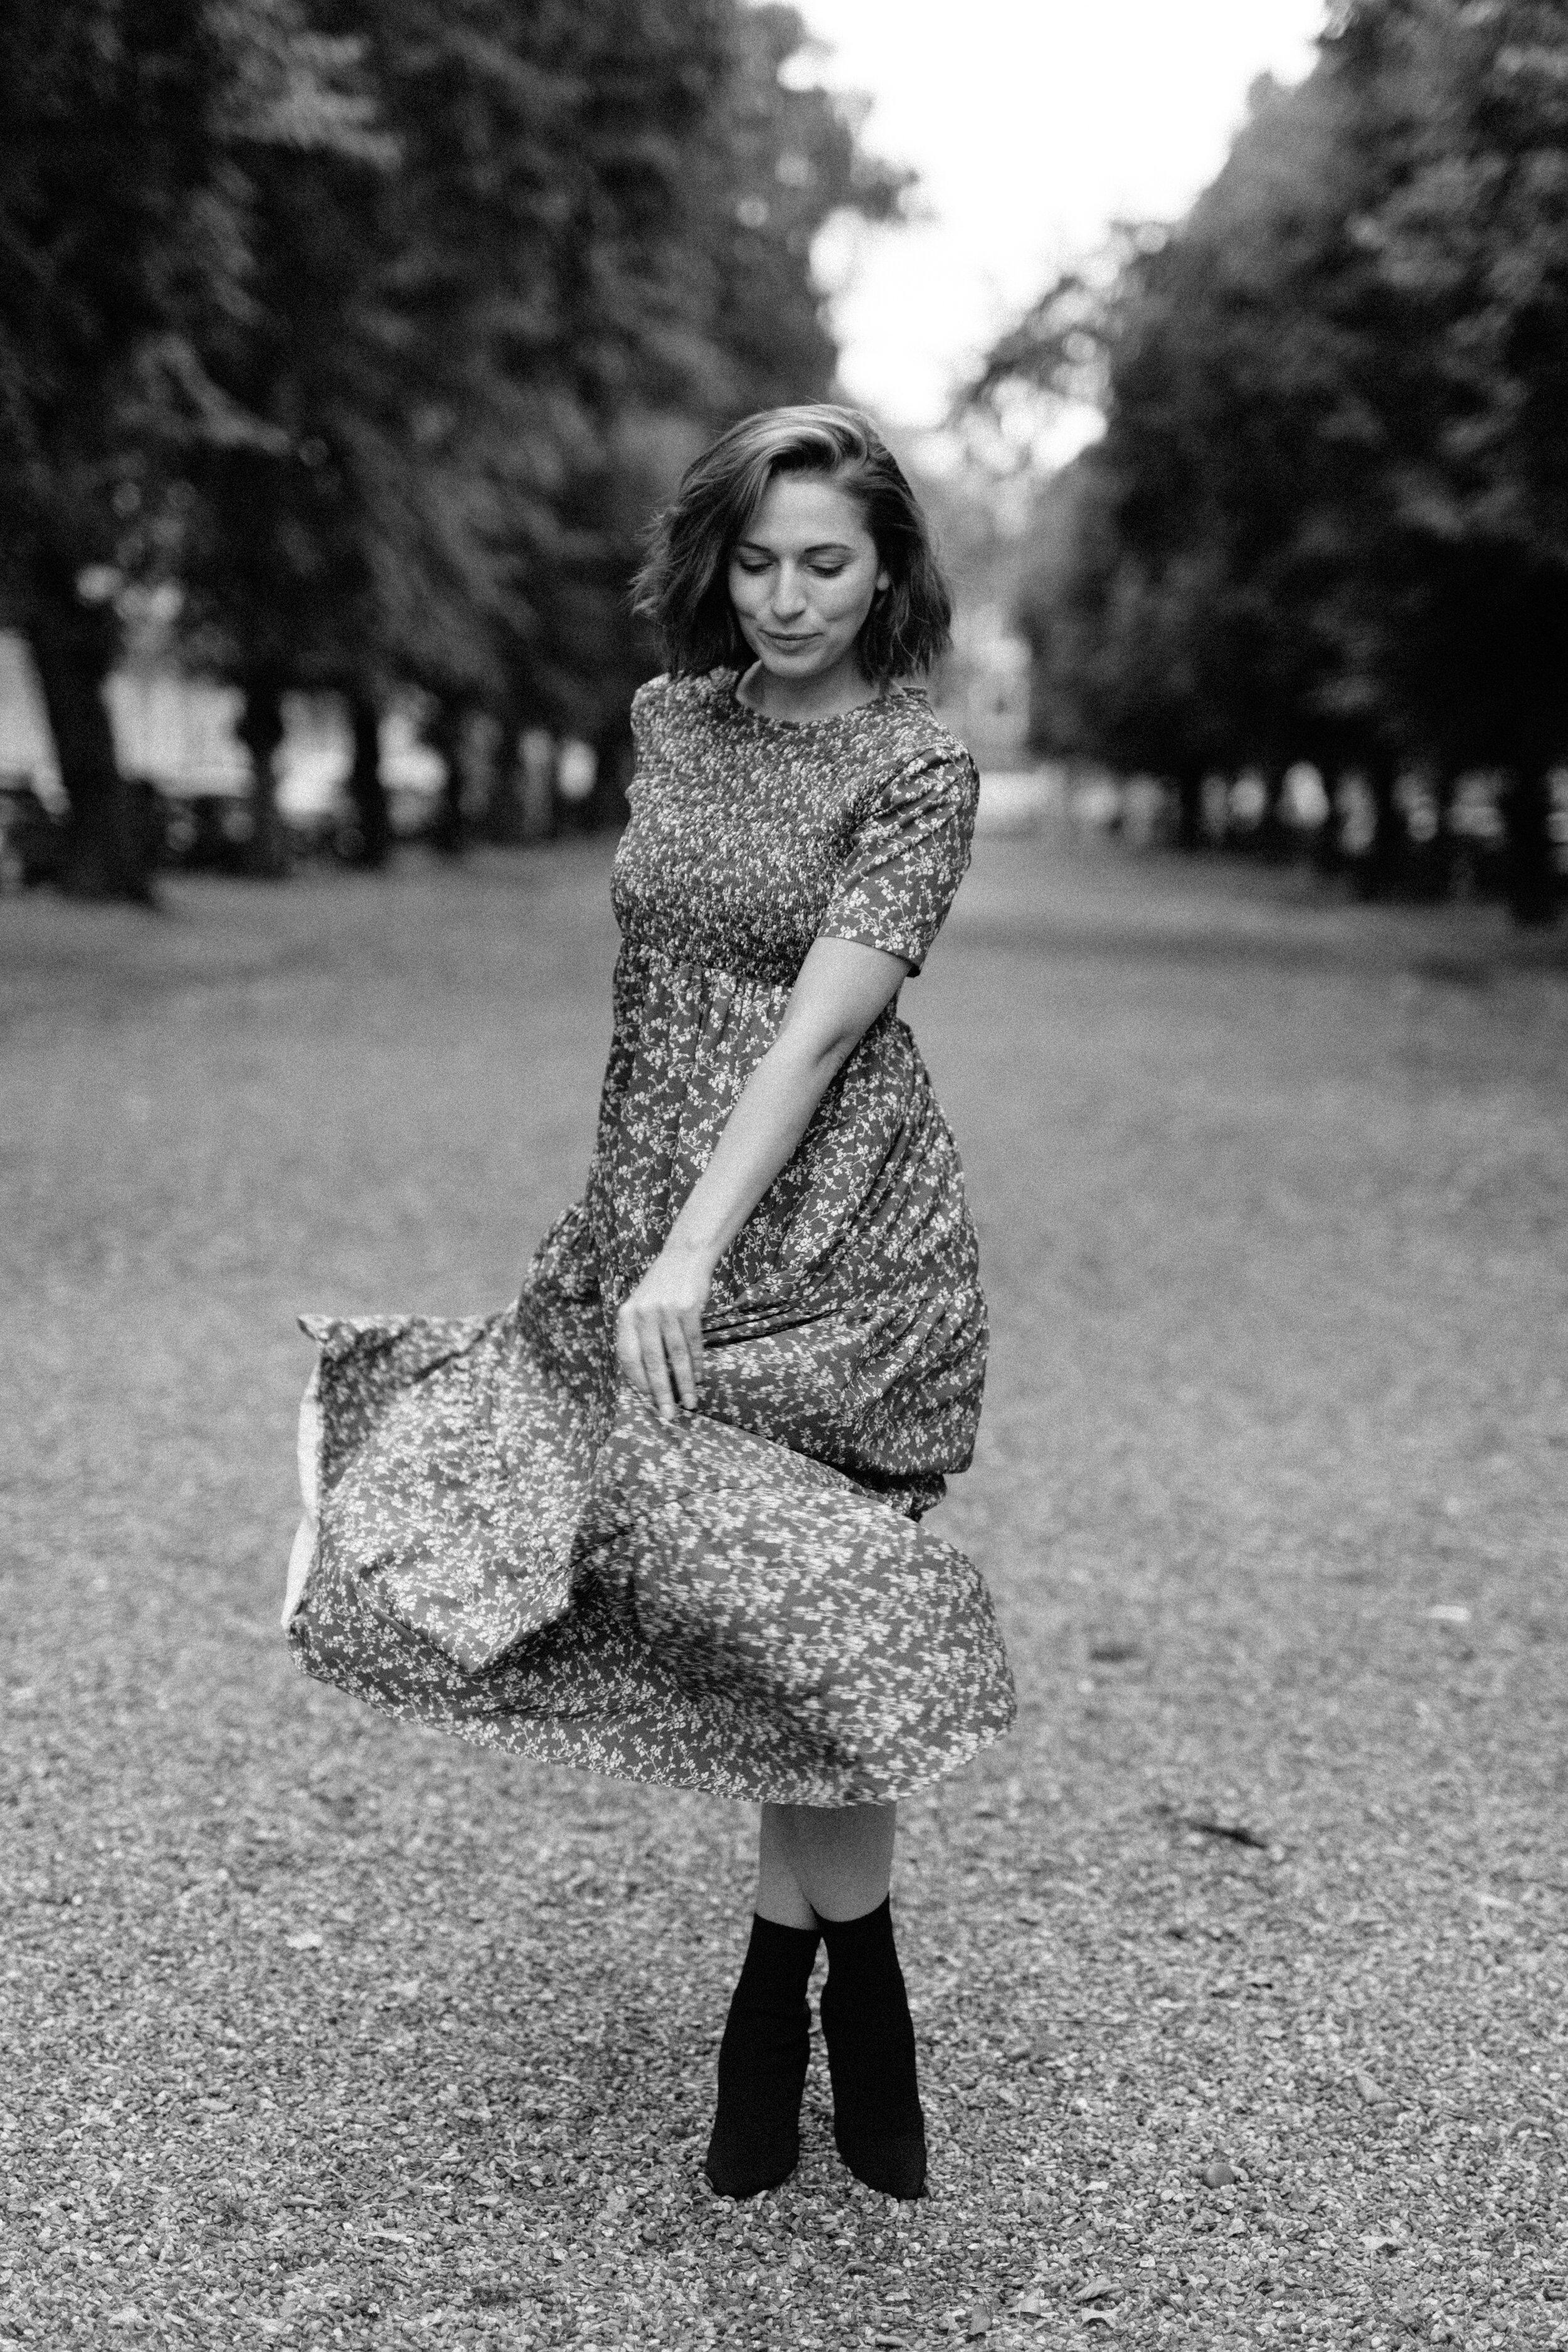 Natasha_BAME-18.jpg